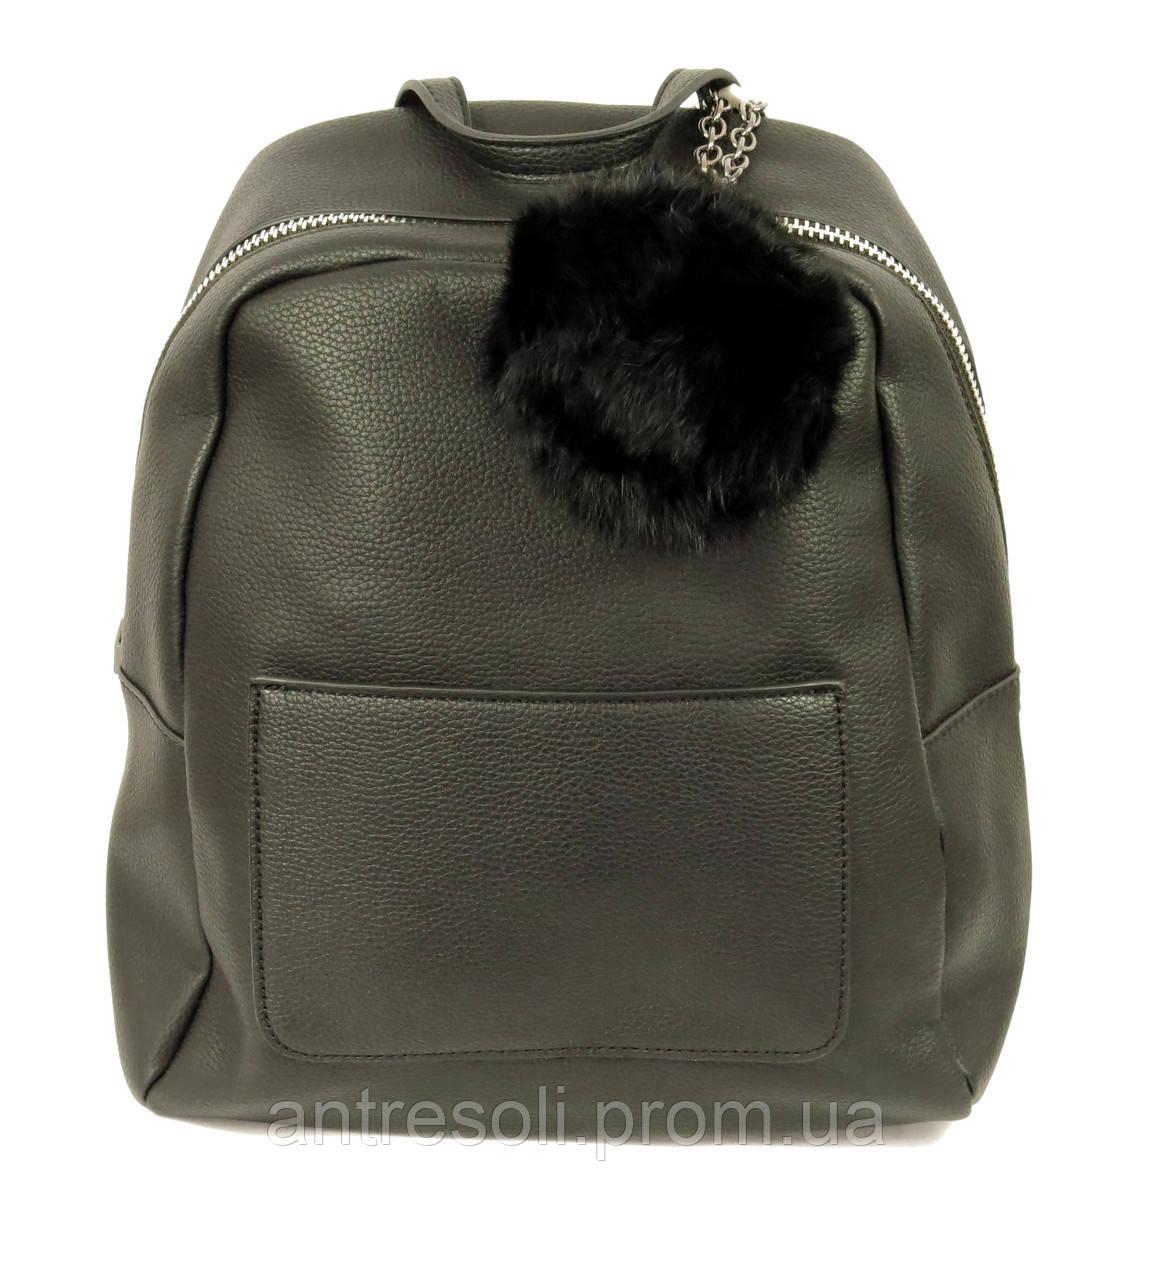 Рюкзак черный женский эко-кожа